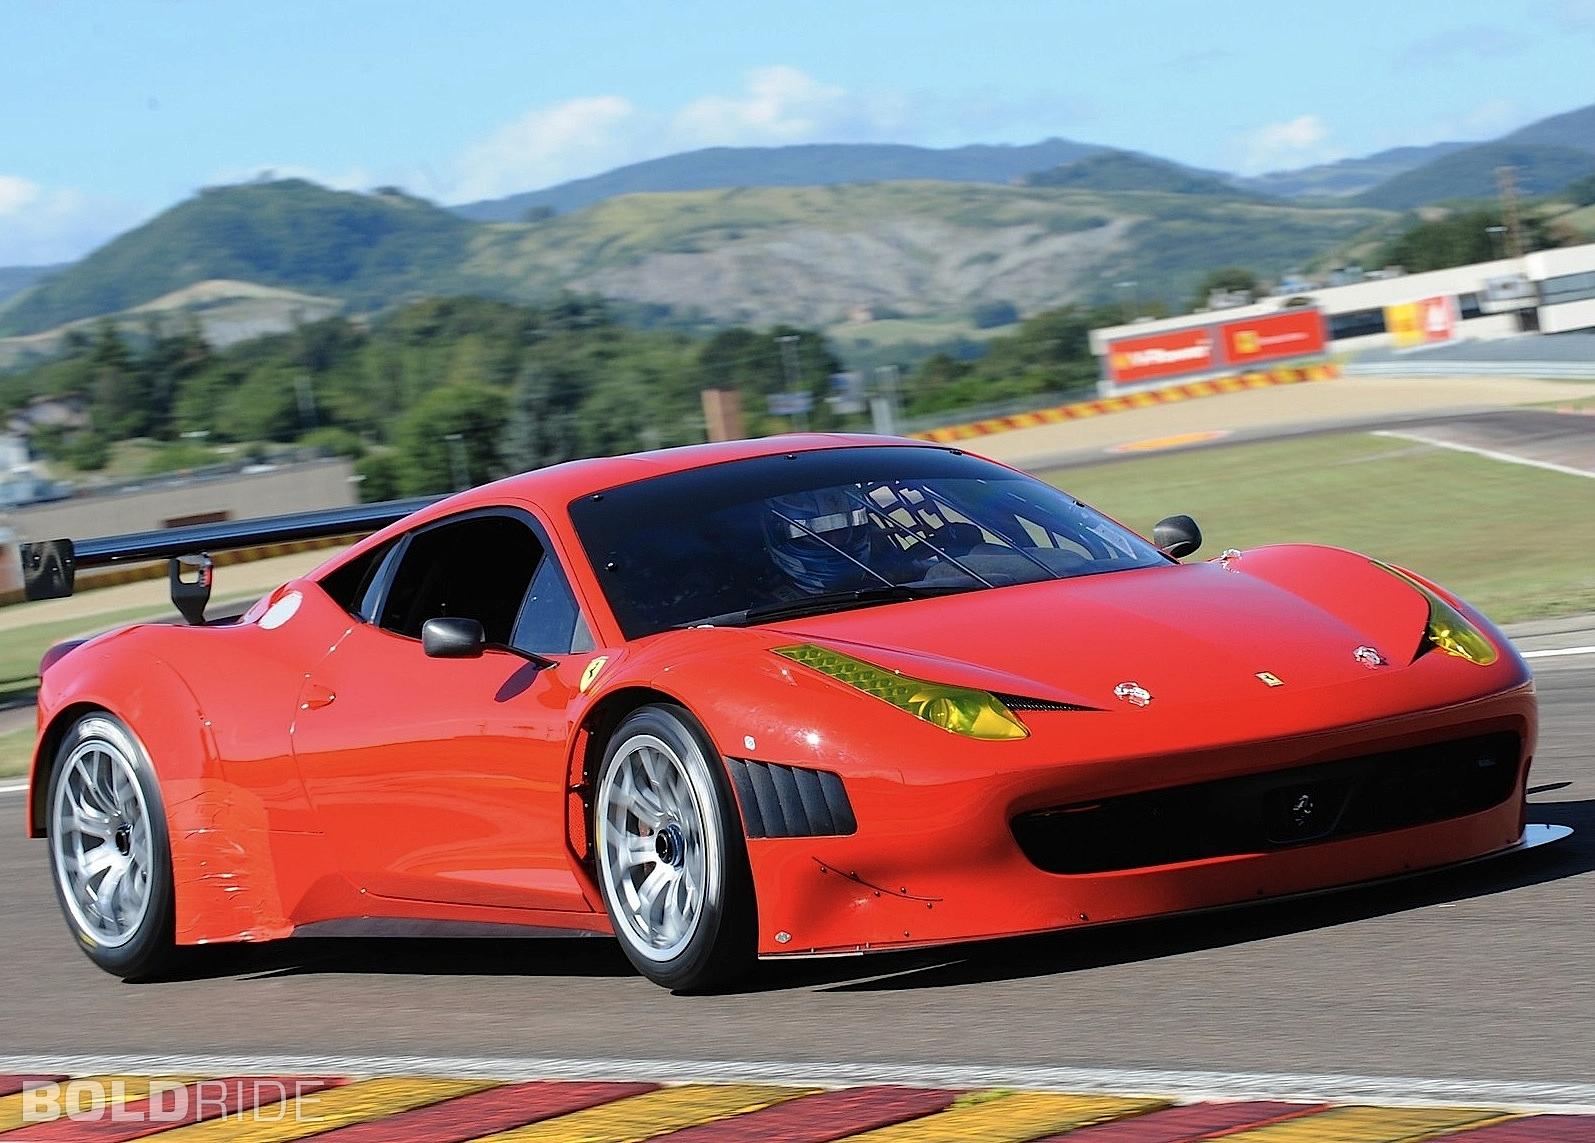 Ferrari 458 Italia - 1595x1143